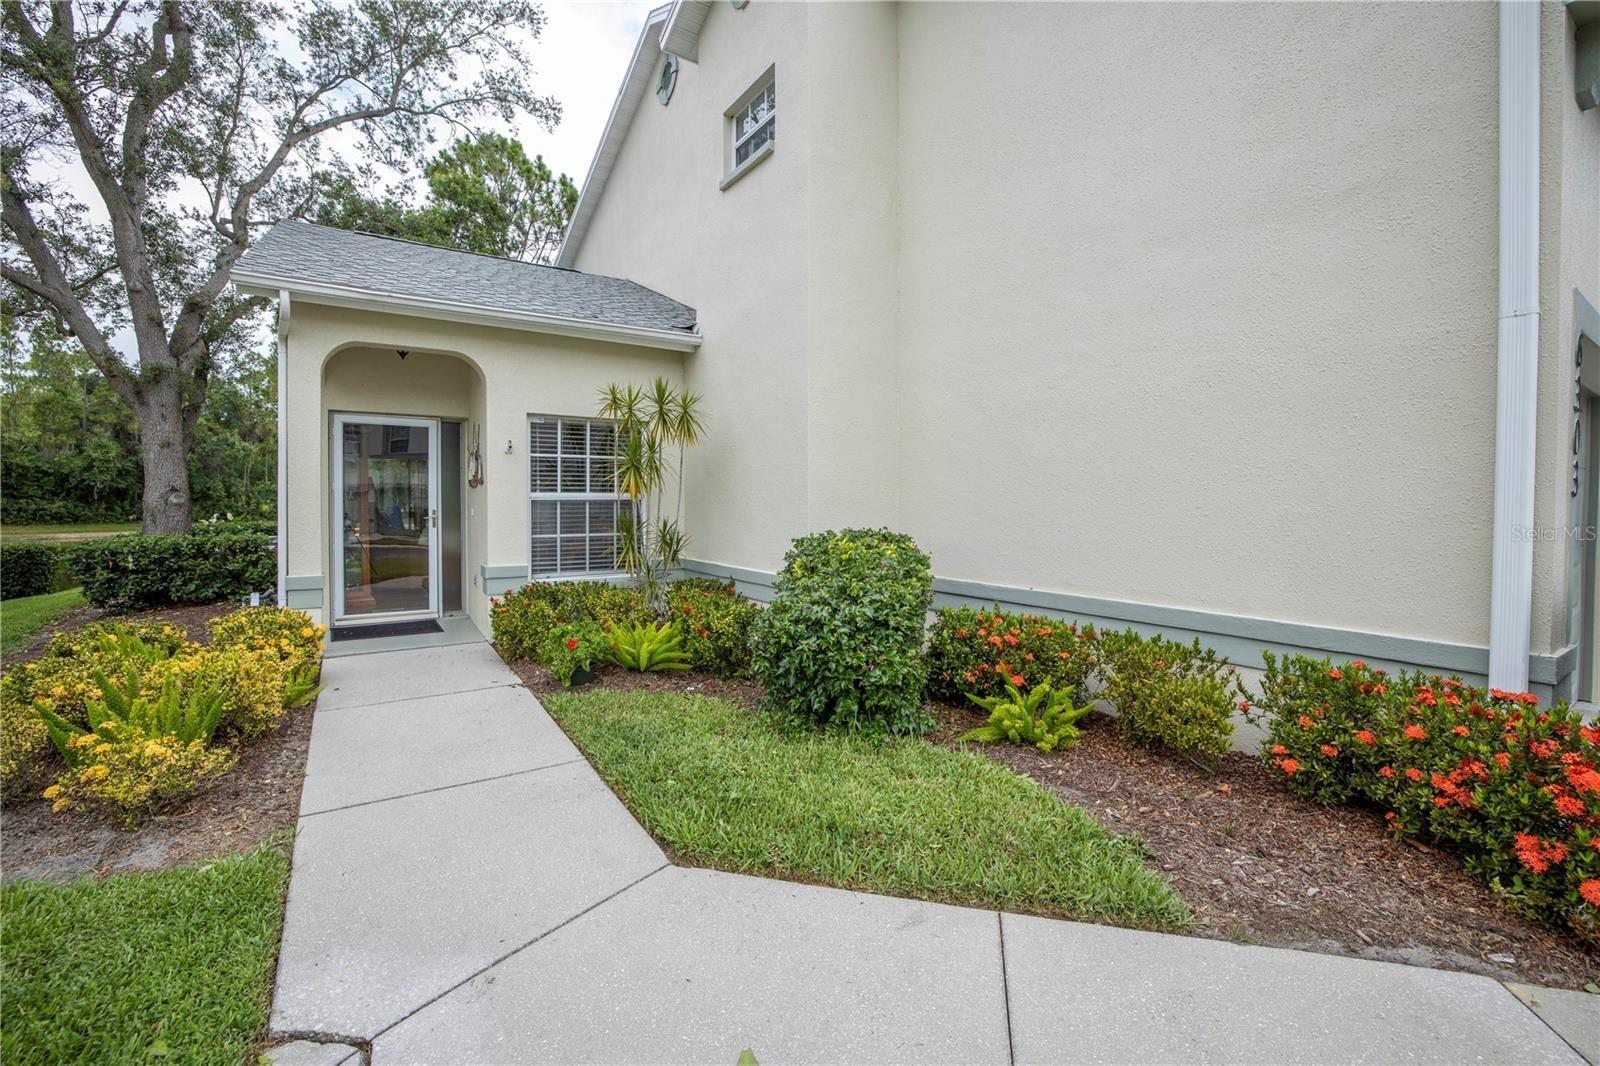 Photo of 6303 GREEN OAK CIRCLE, BRADENTON, FL 34203 (MLS # A4504108)